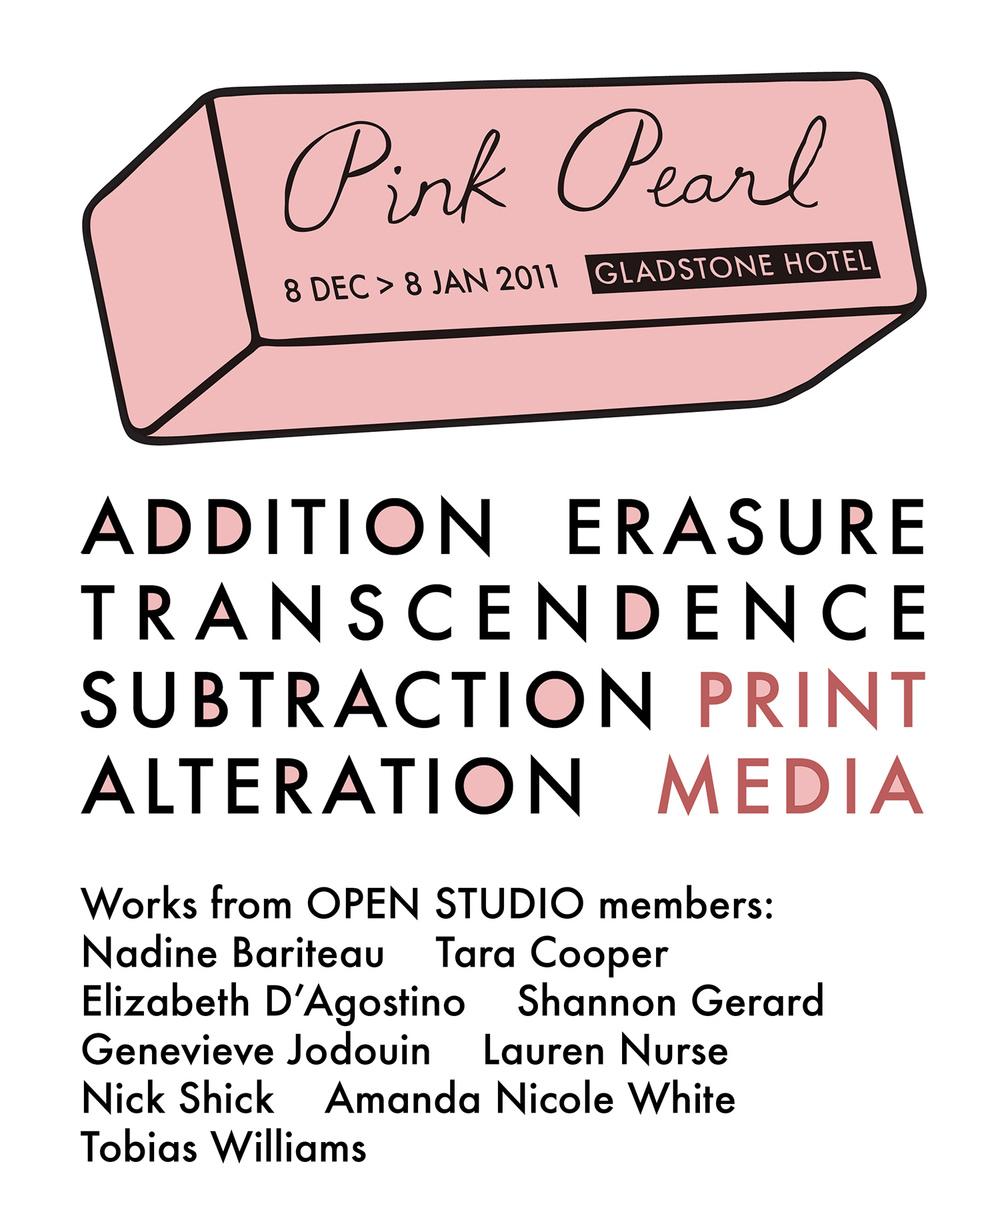 pinkpearl_300.jpg